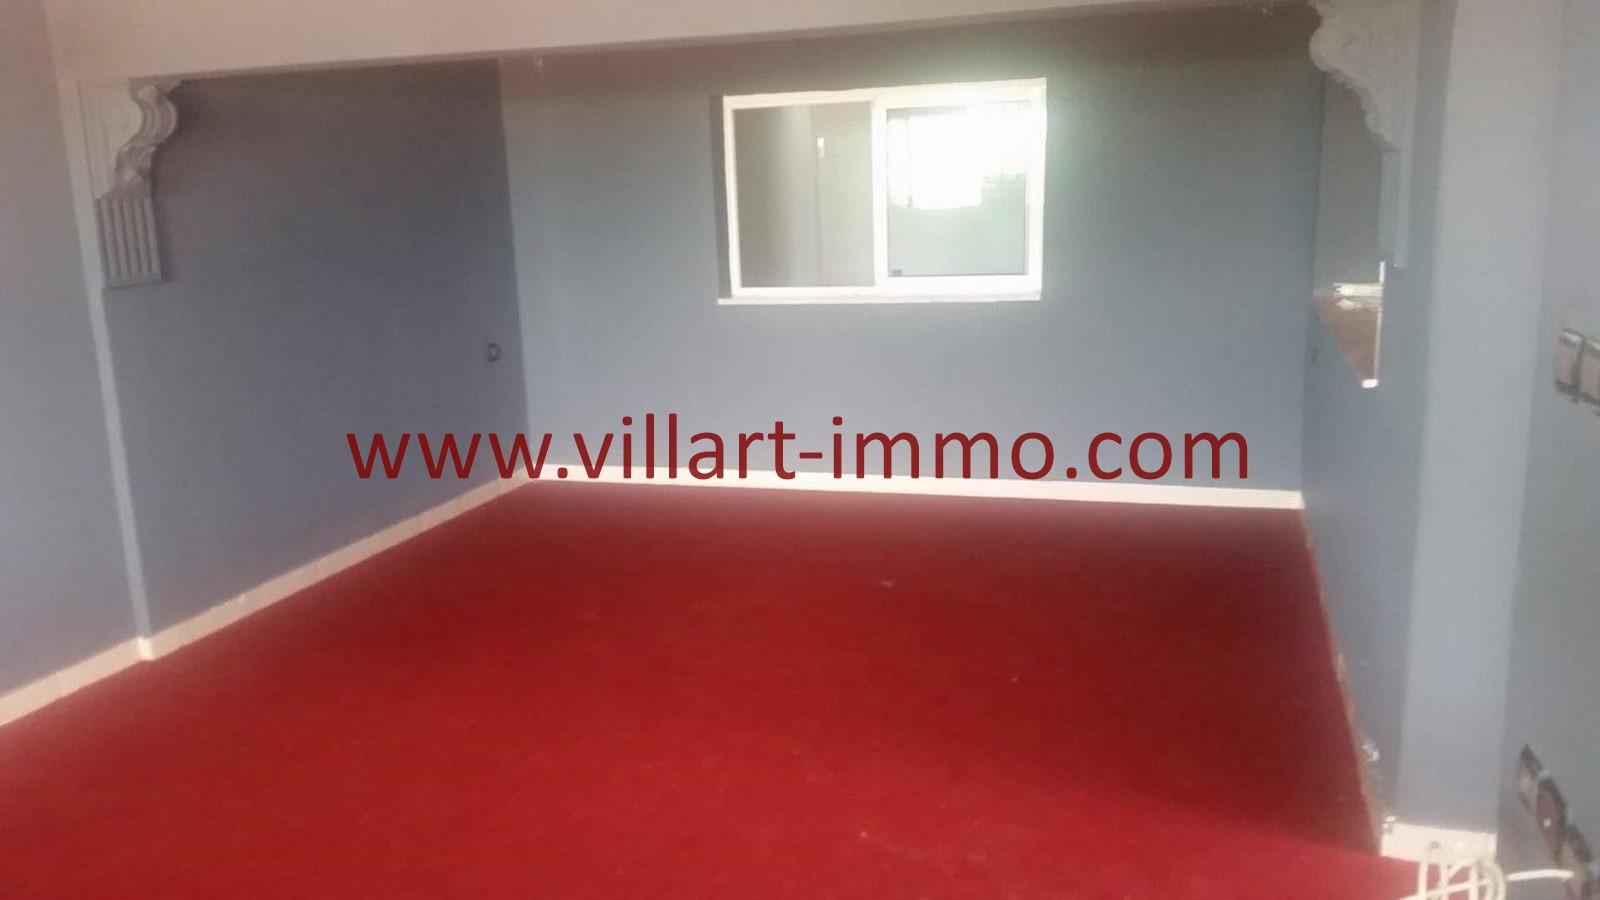 13-a-louer-villa-non-meuble-tanger-chambre-2-lv967-villart-immo